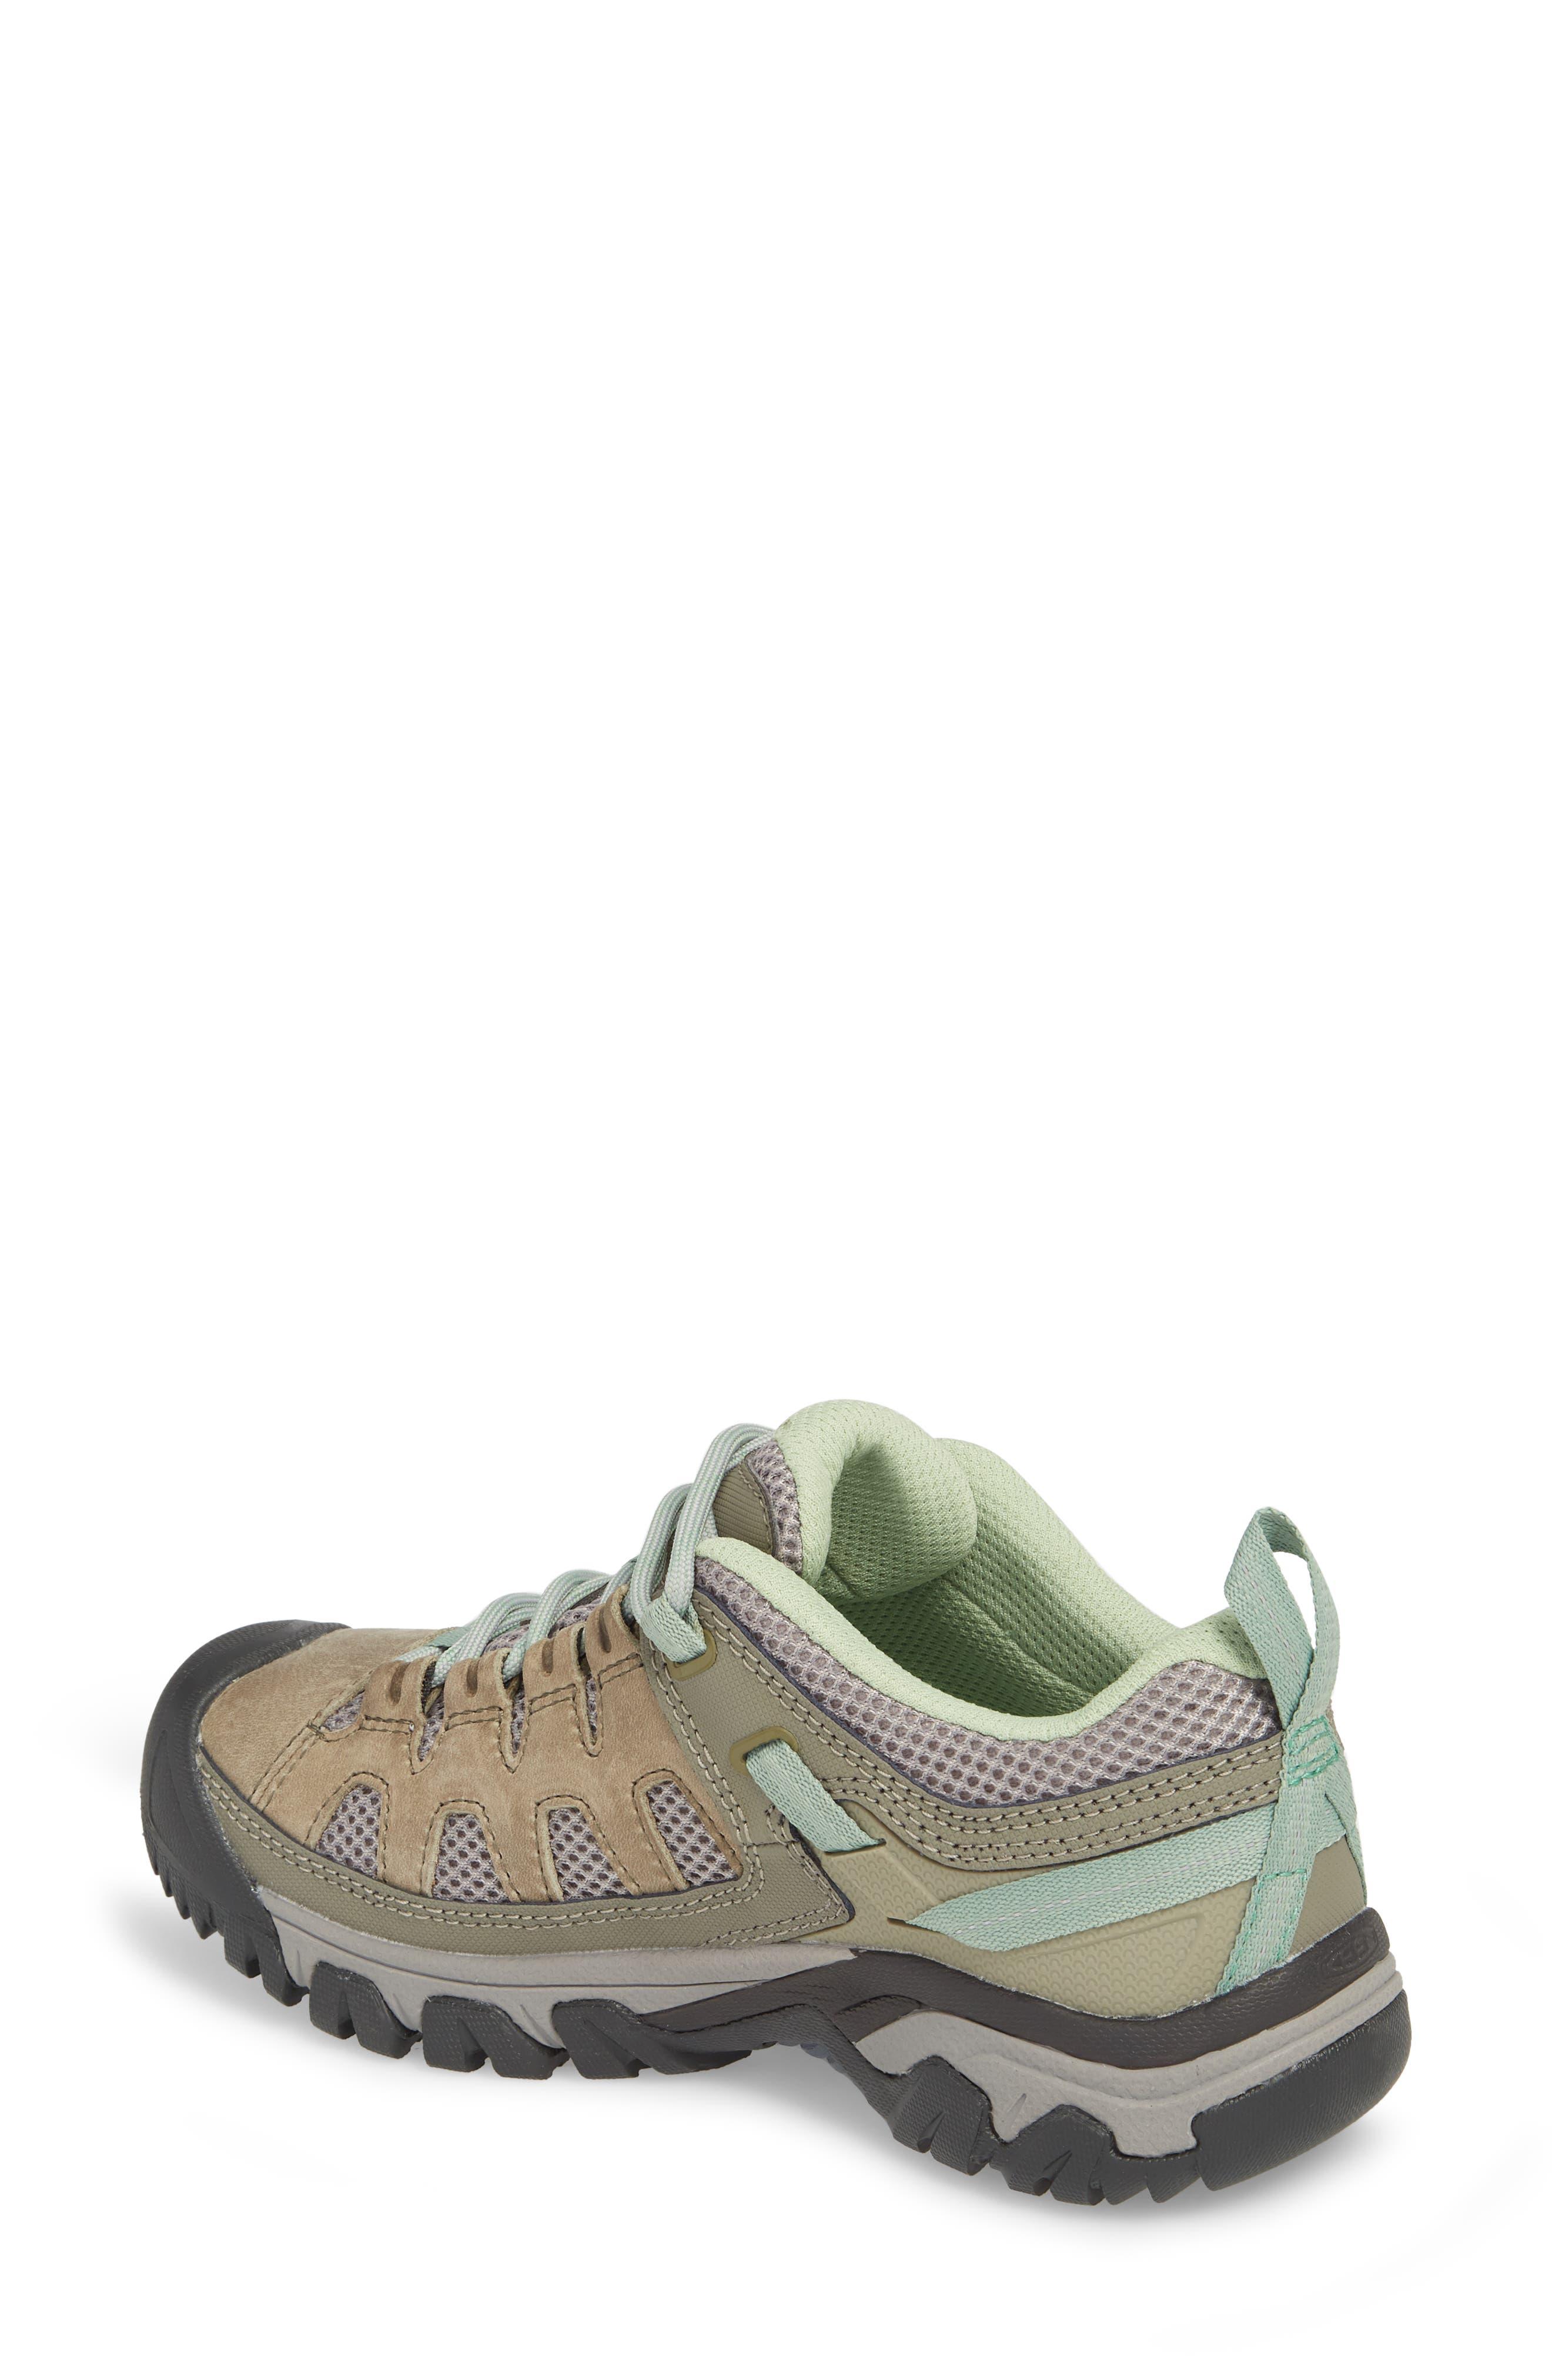 Targhee Vent Hiking Shoe,                             Alternate thumbnail 2, color,                             200